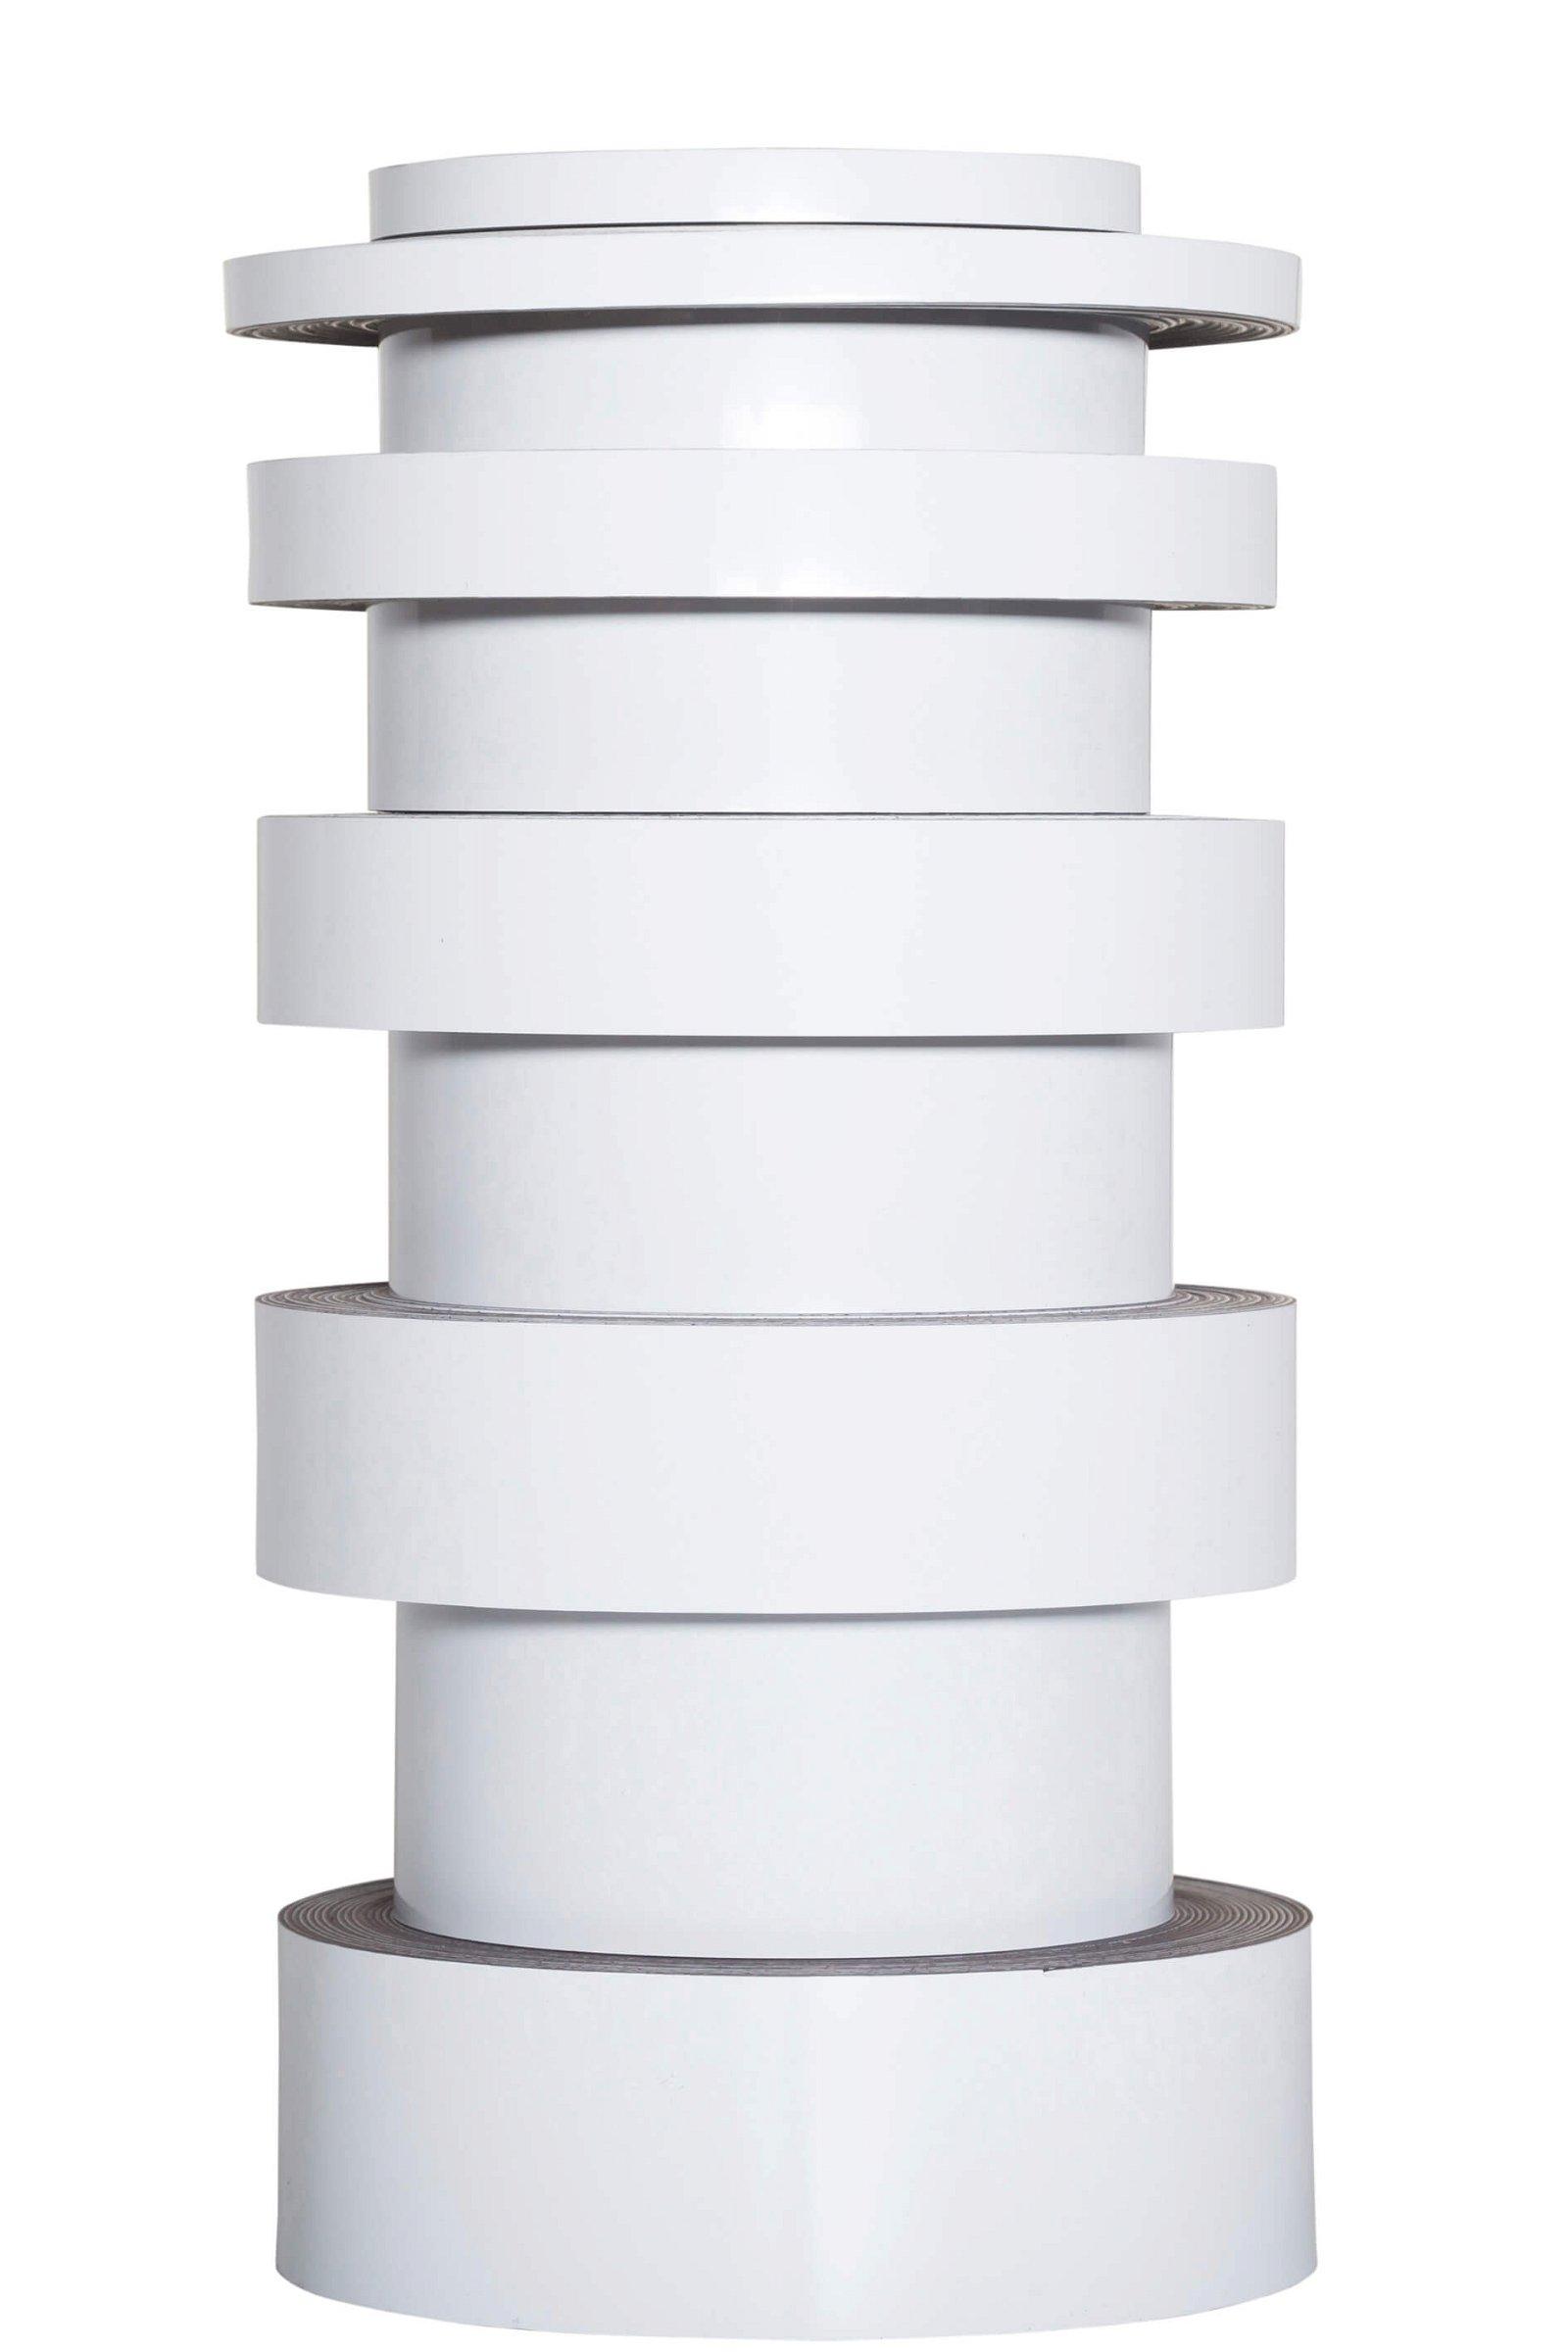 Kennzeichnungsband magnet- haftend, 10 m x 20 mm x 1 mm, weiß